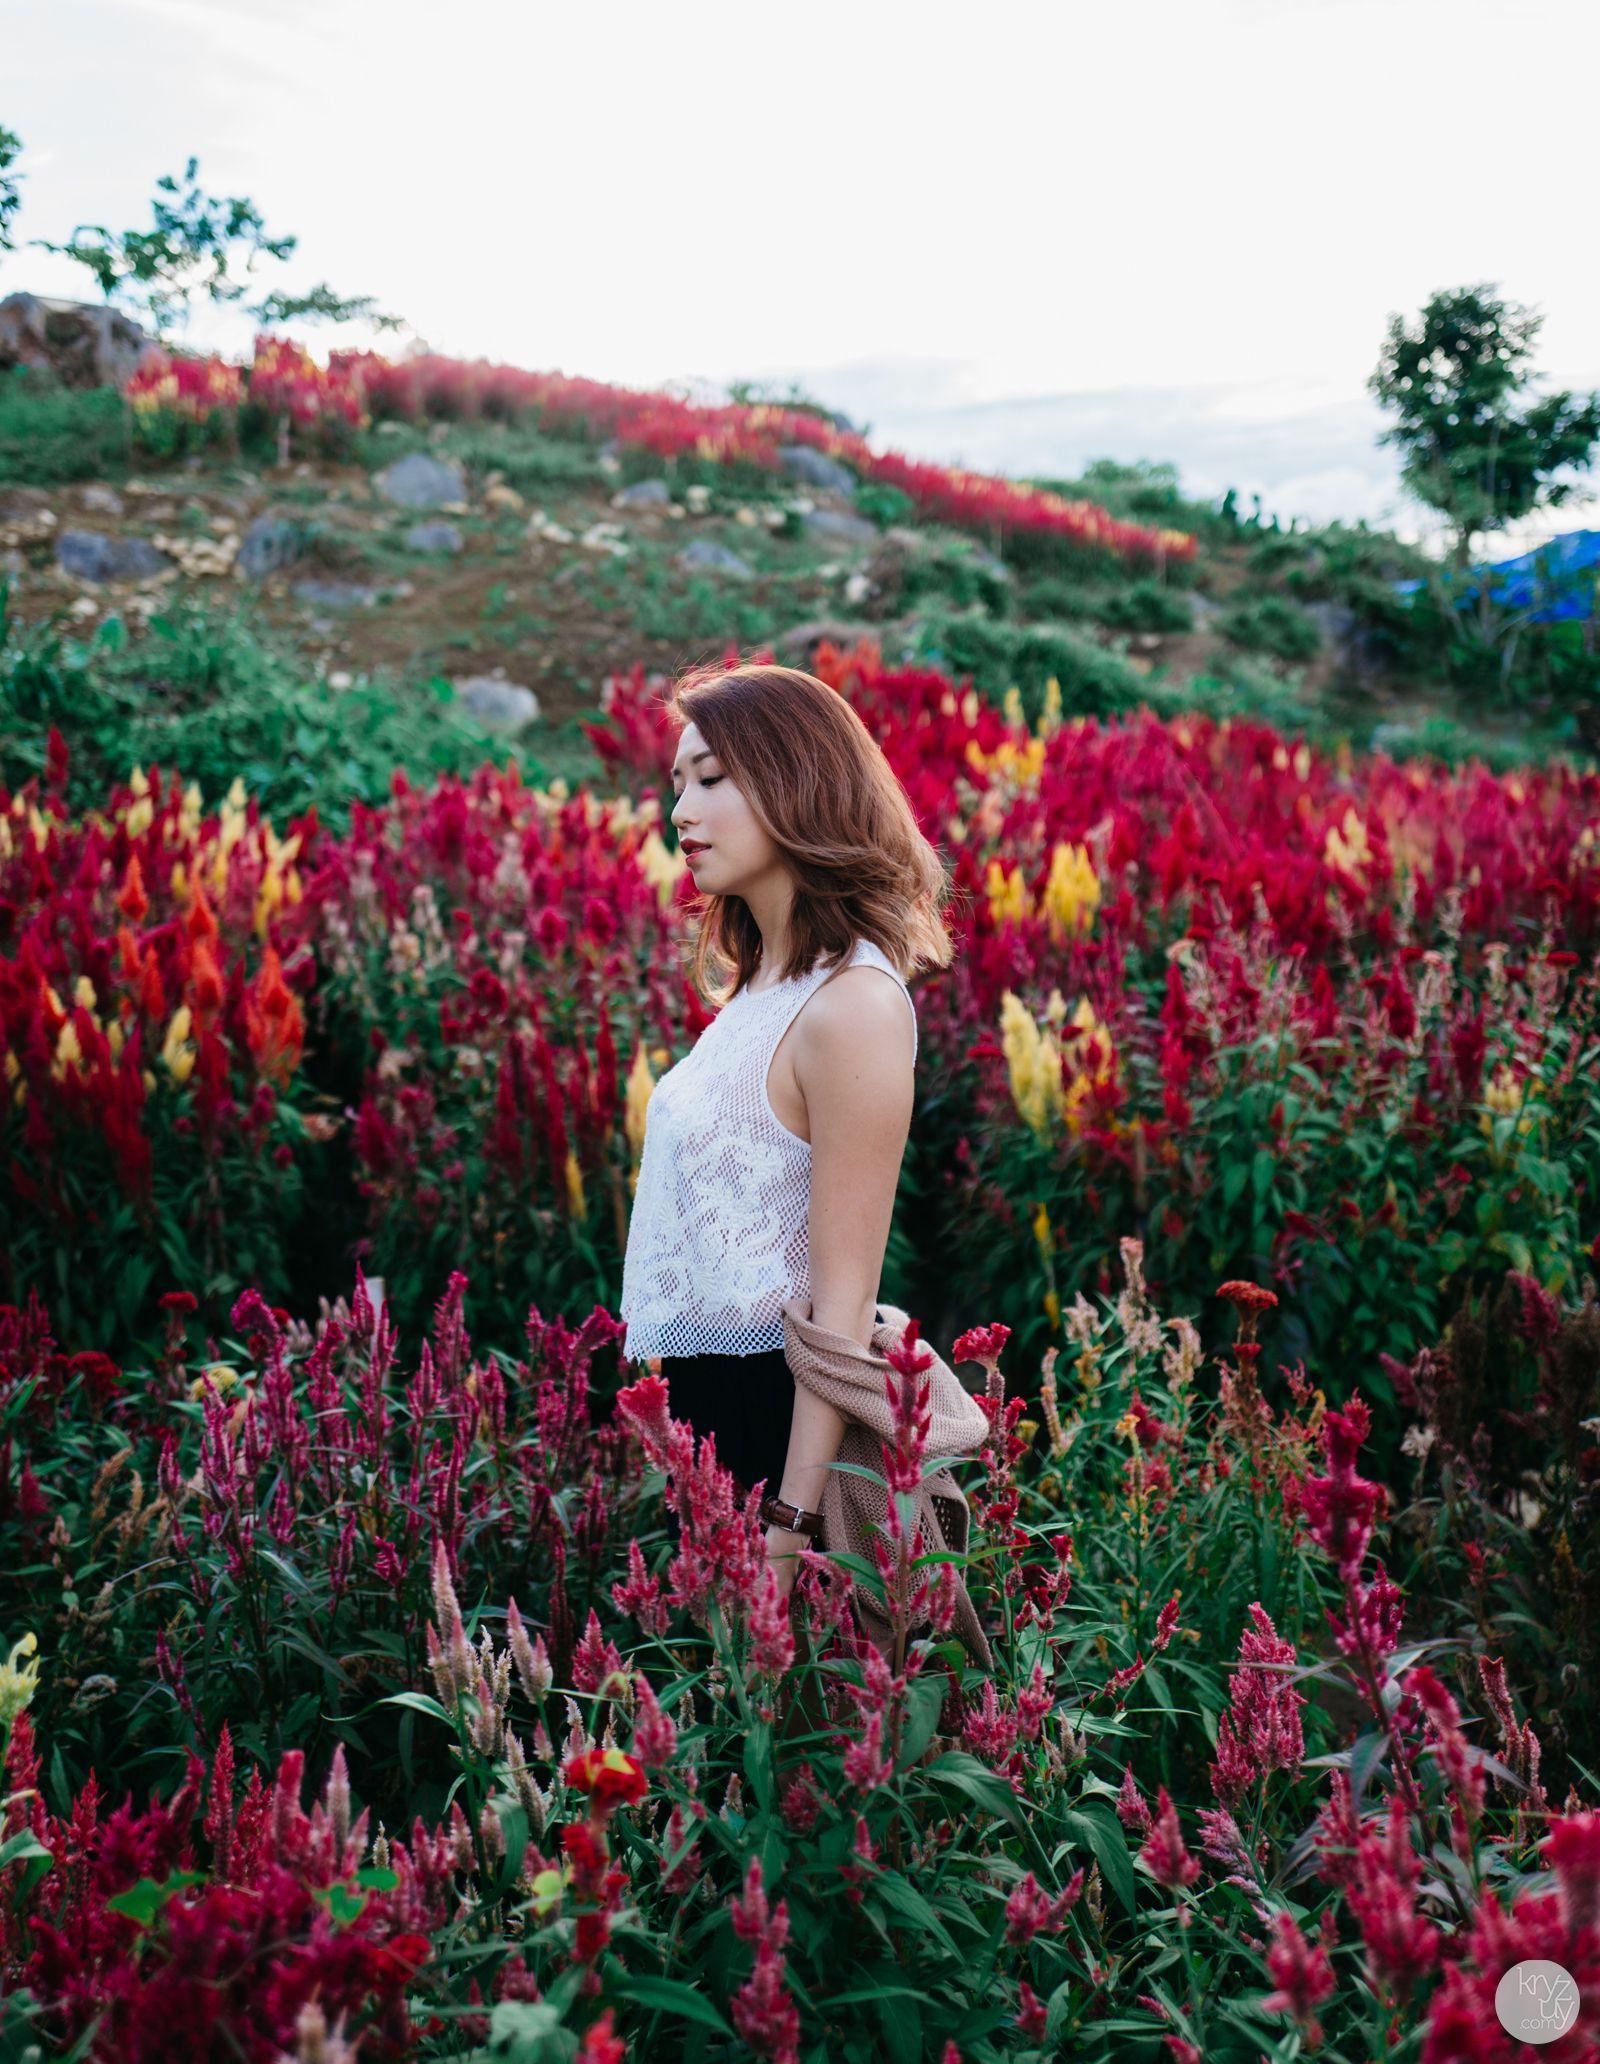 Sirao Flower Garden Flower garden, Gardening photography